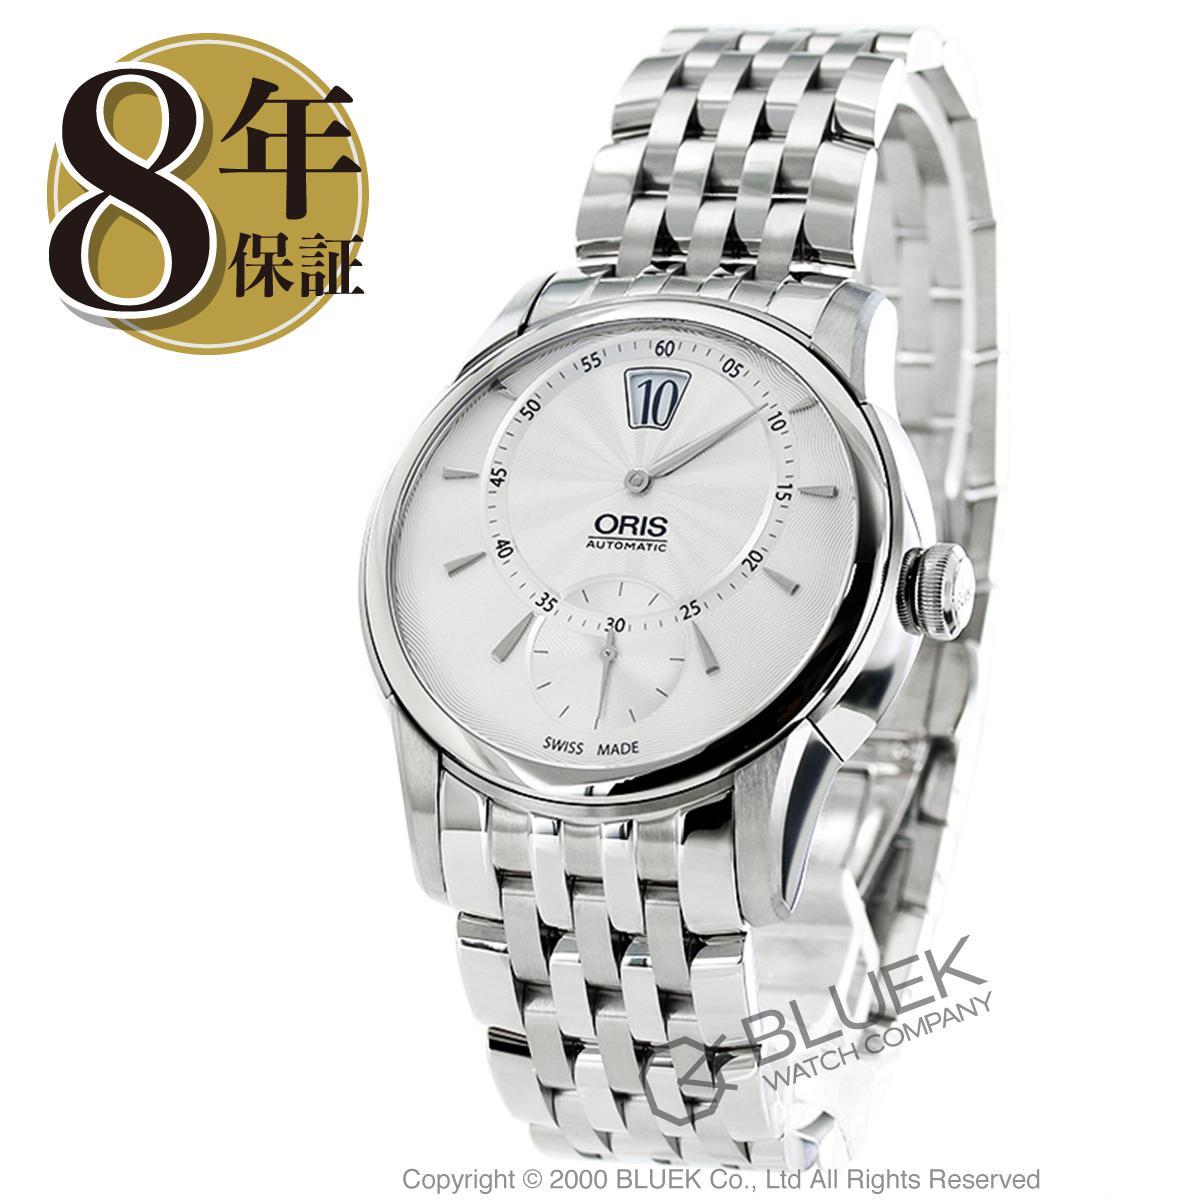 【6,000円OFFクーポン対象】オリス アートリエ ジャンピングアワー 腕時計 メンズ ORIS 917 7702 4051M_8